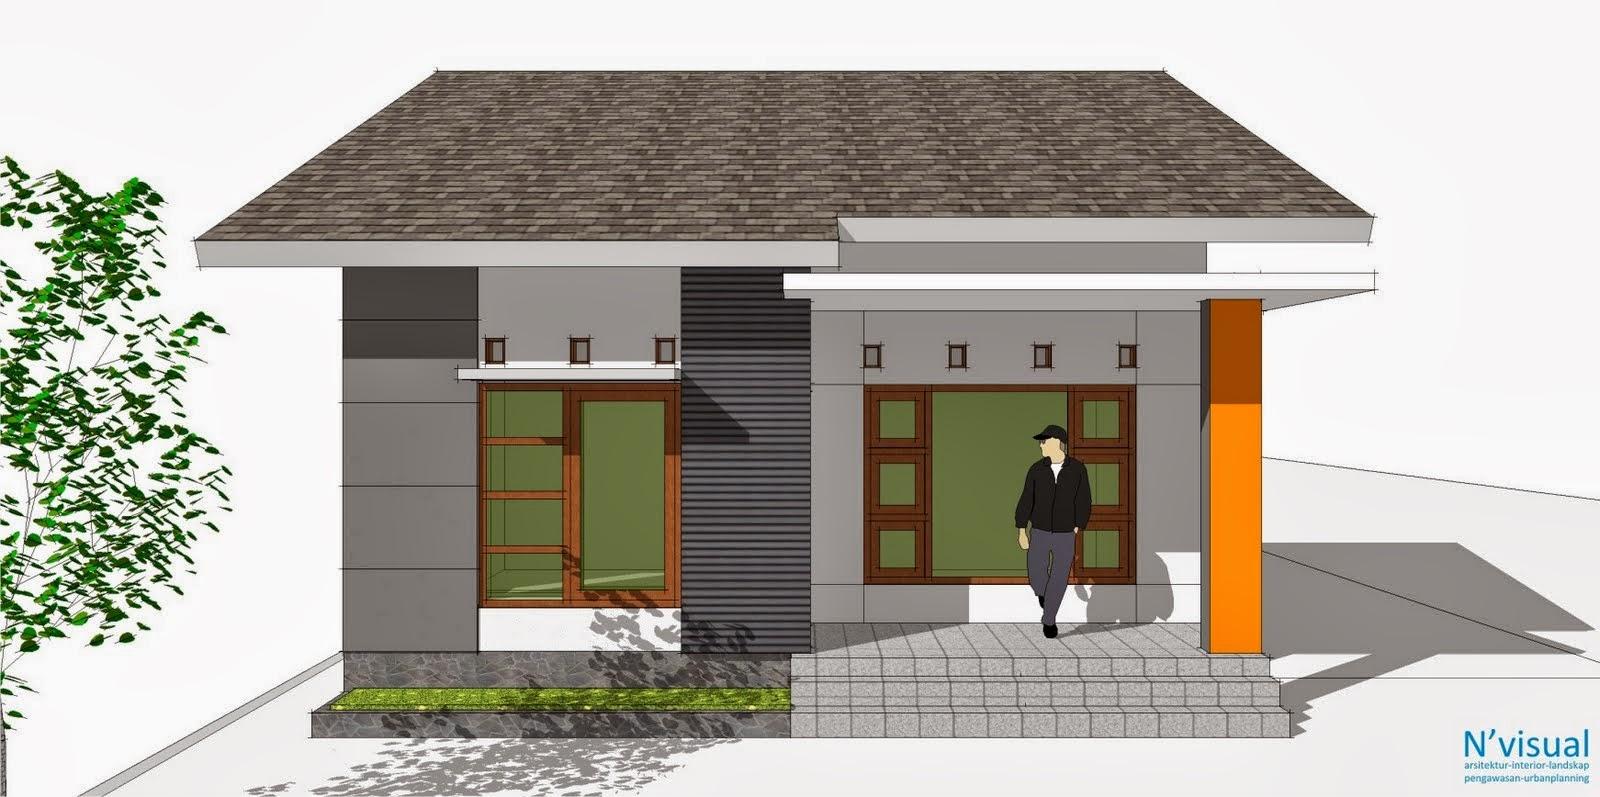 61 Desain Rumah Minimalis Yang Hemat Biaya Desain Rumah